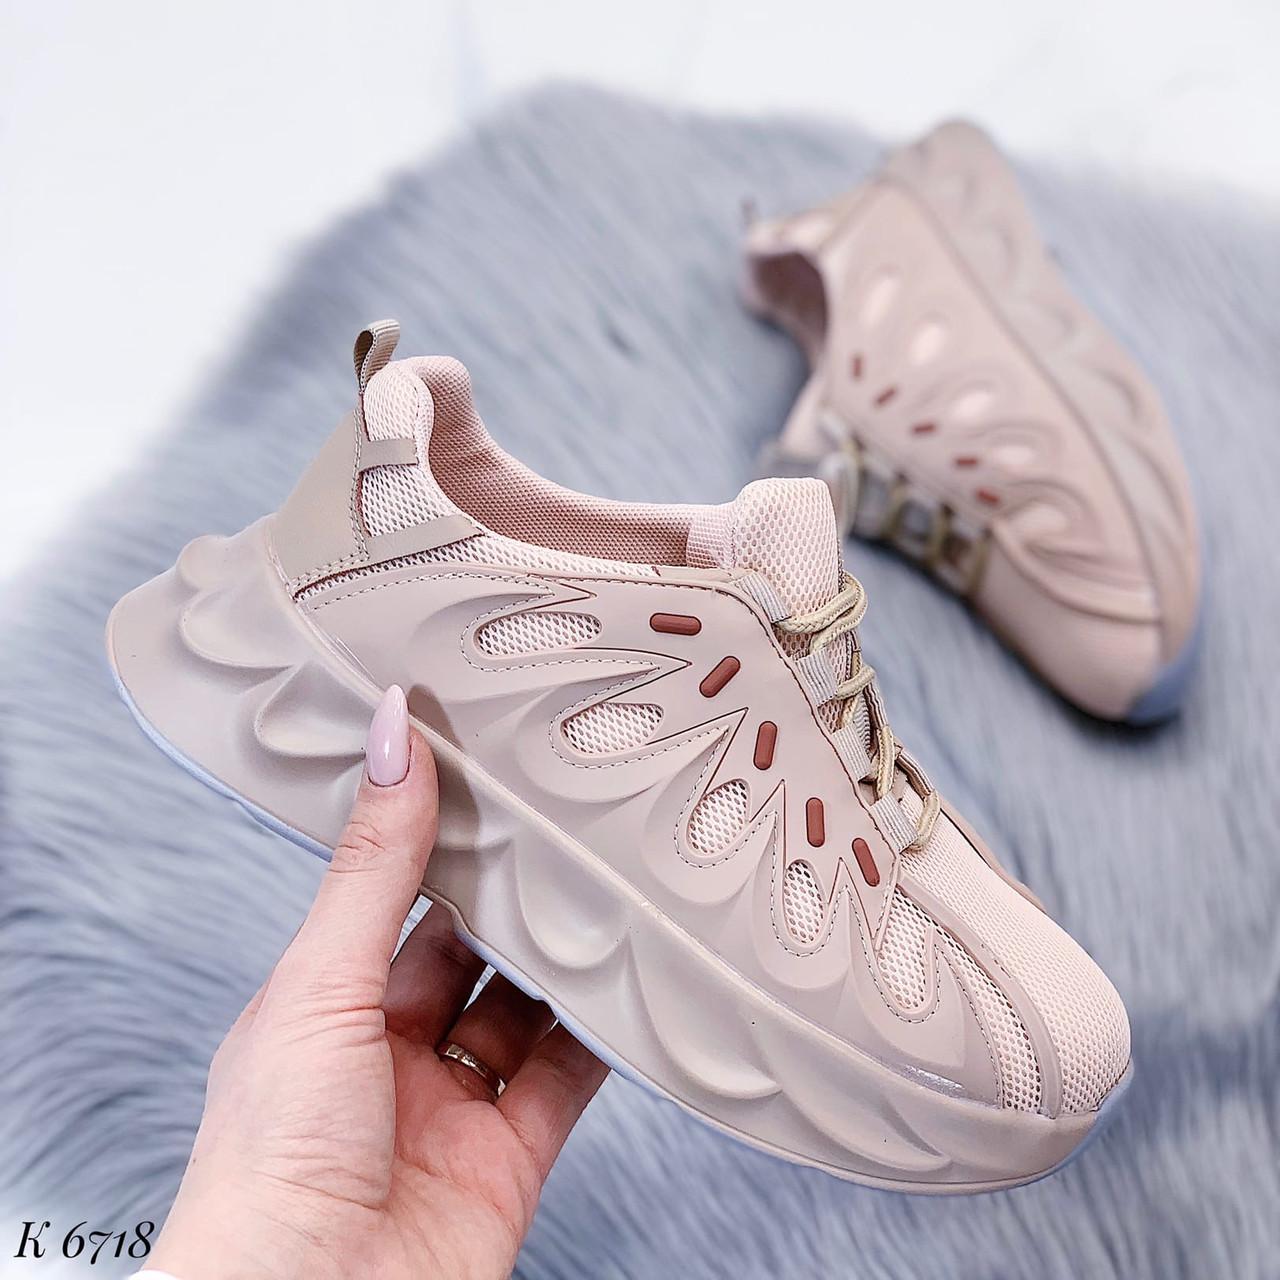 Стильные женские кроссовки бежевые / коричневые текстиль